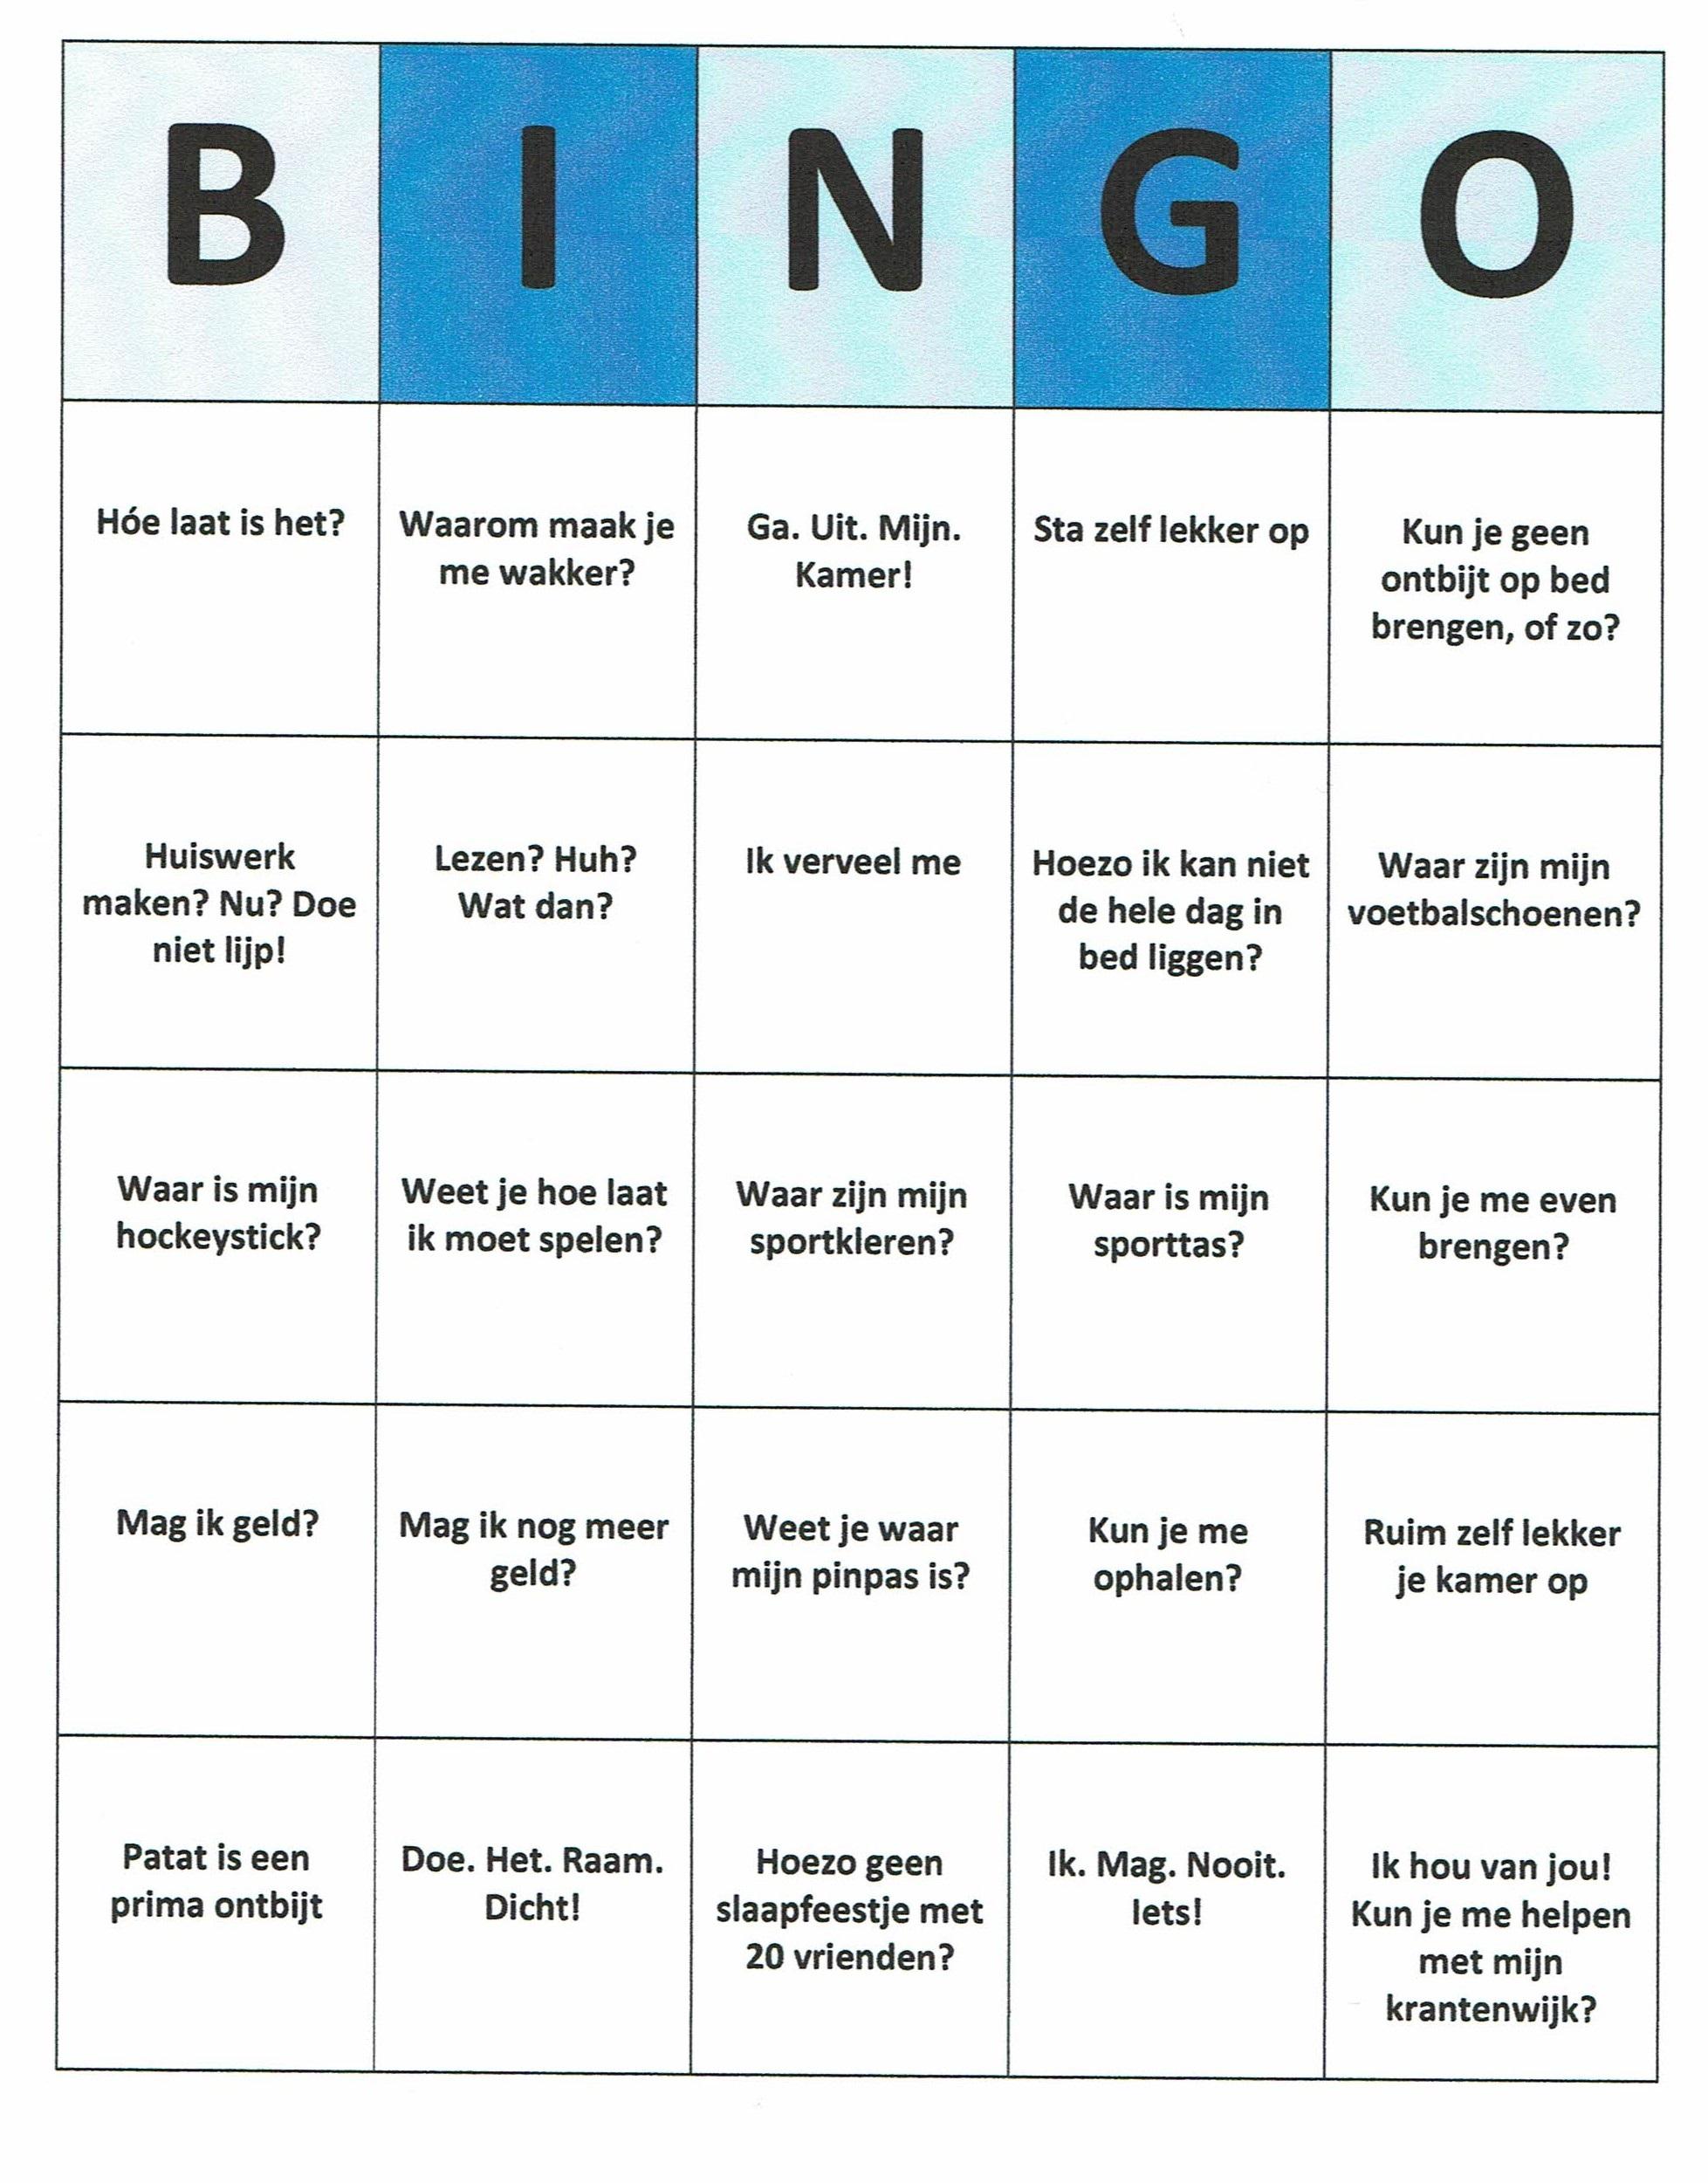 Genoeg Bingo Spel Maken #QJ56 – Aboriginaltourismontario @PG91